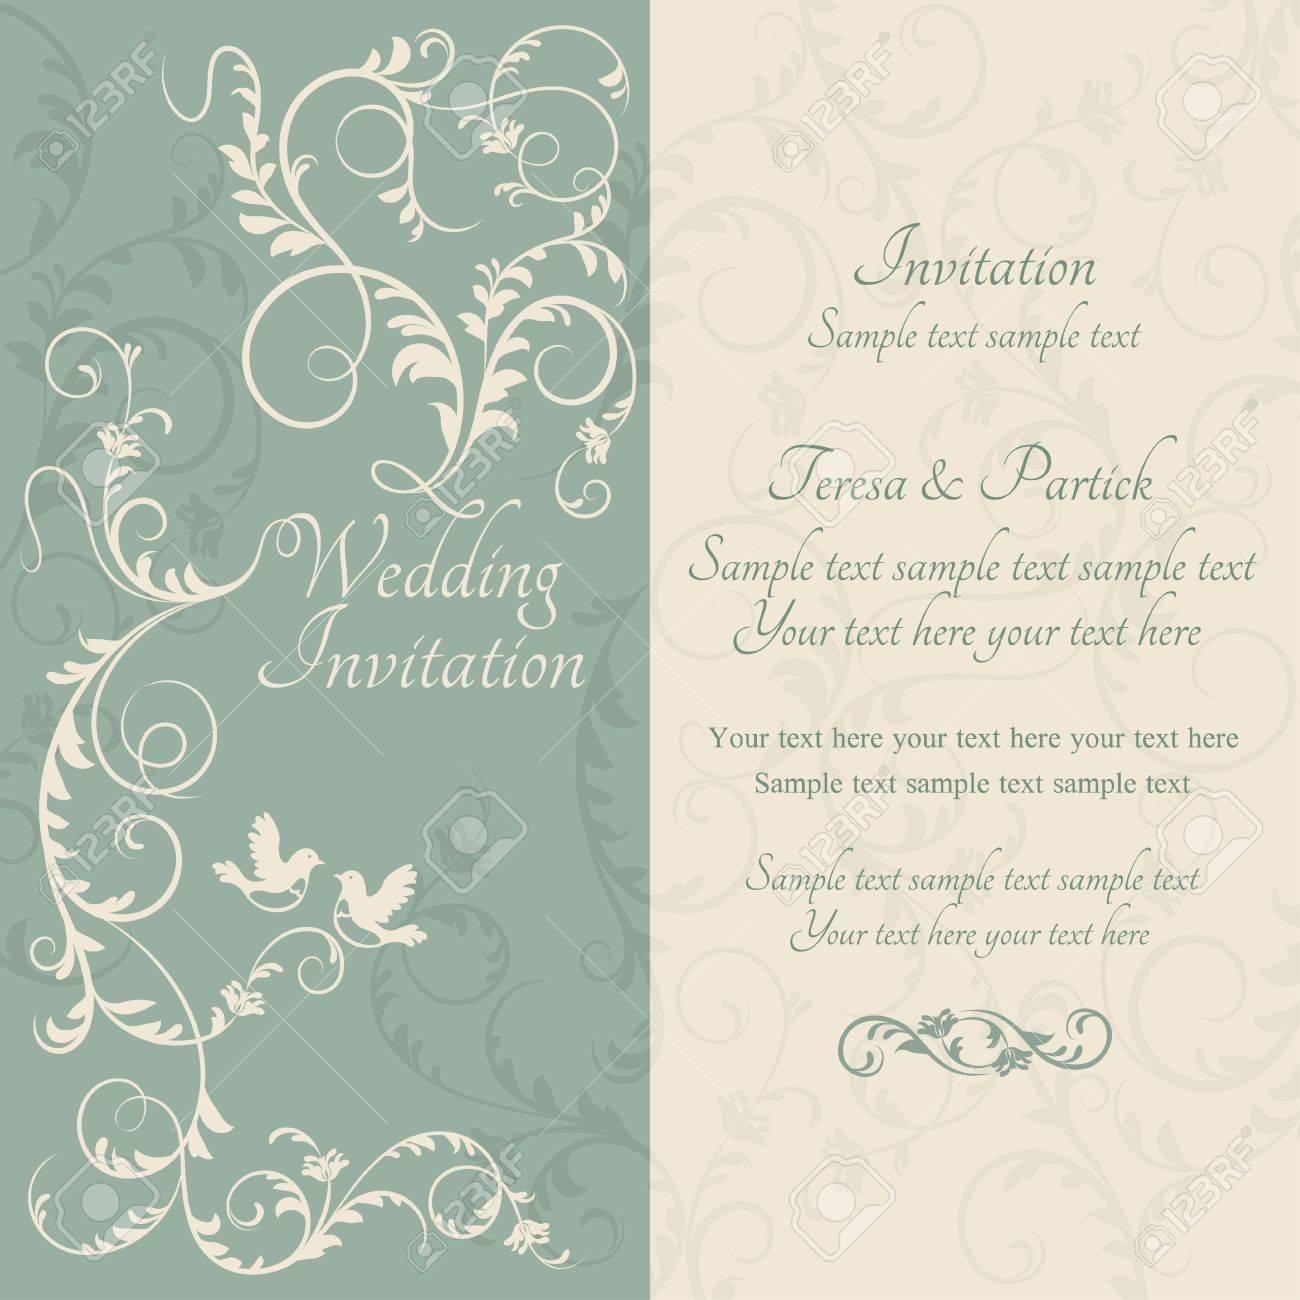 Antik Barock Hochzeit Verzierte Einladung Paar Vögel, Blau Und Beige  Standard Bild   32060336